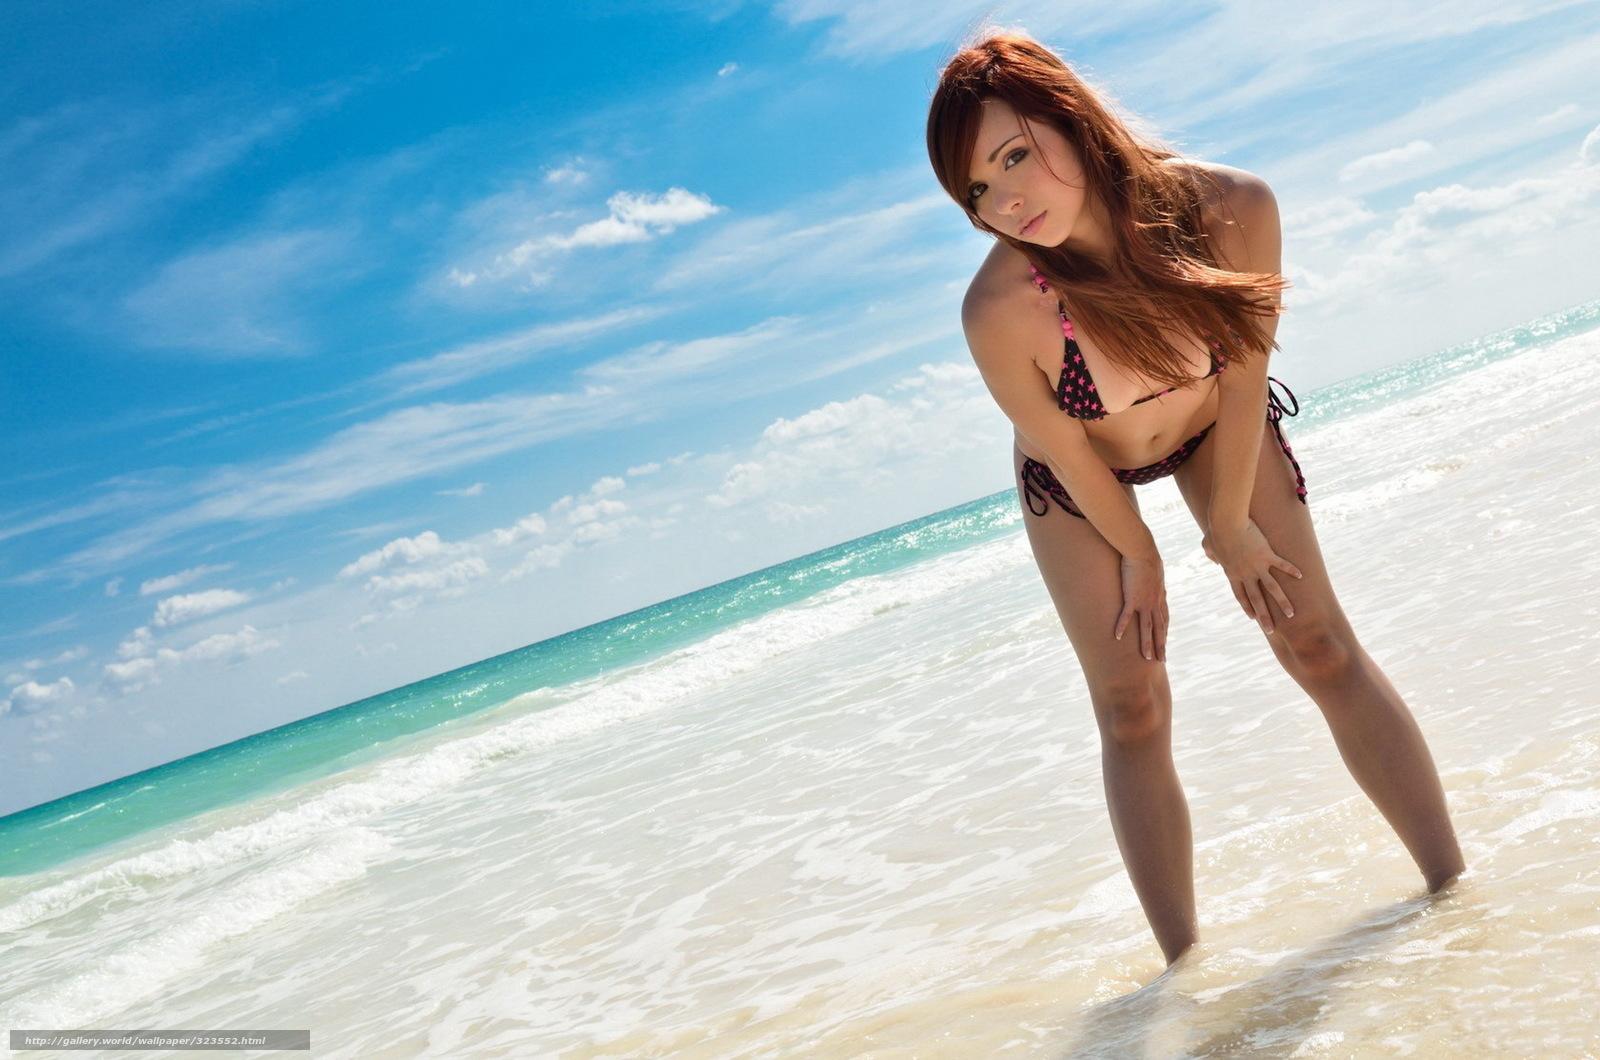 Фотографии рыжих девушек у моря 15 фотография